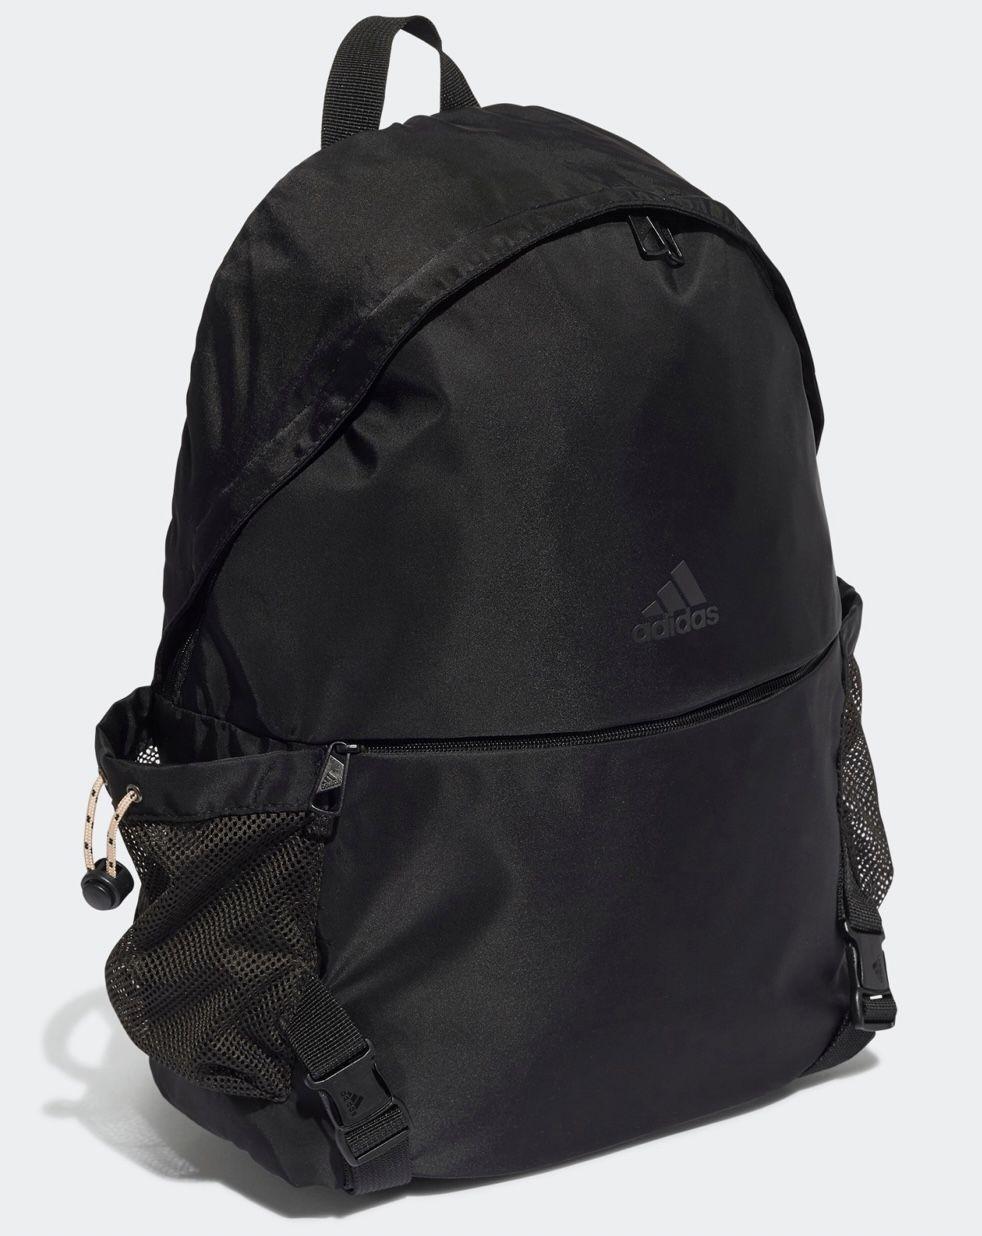 Adidas Rucksack mit Riemen in Schwarz für 31,50€ (statt 45€)